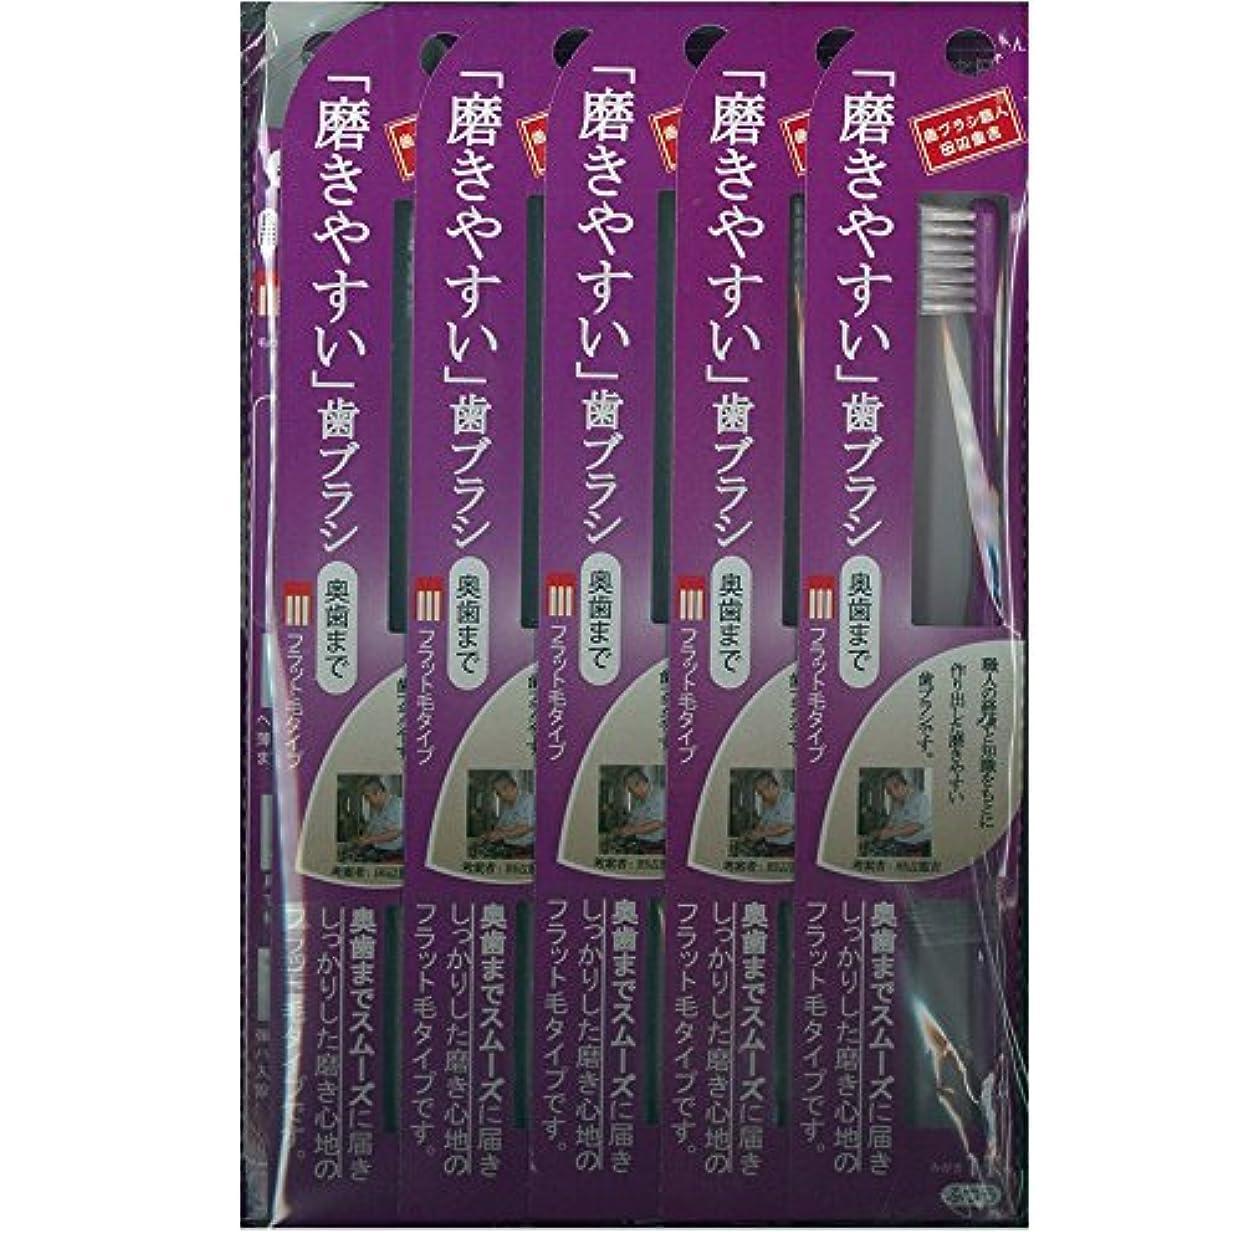 炭素にやにや解釈する磨きやすい歯ブラシ(奥歯まで)フラット LT-11×12本セット( ピンク×4本、ブルー×4本、グリーン×2本、パープル×2本)